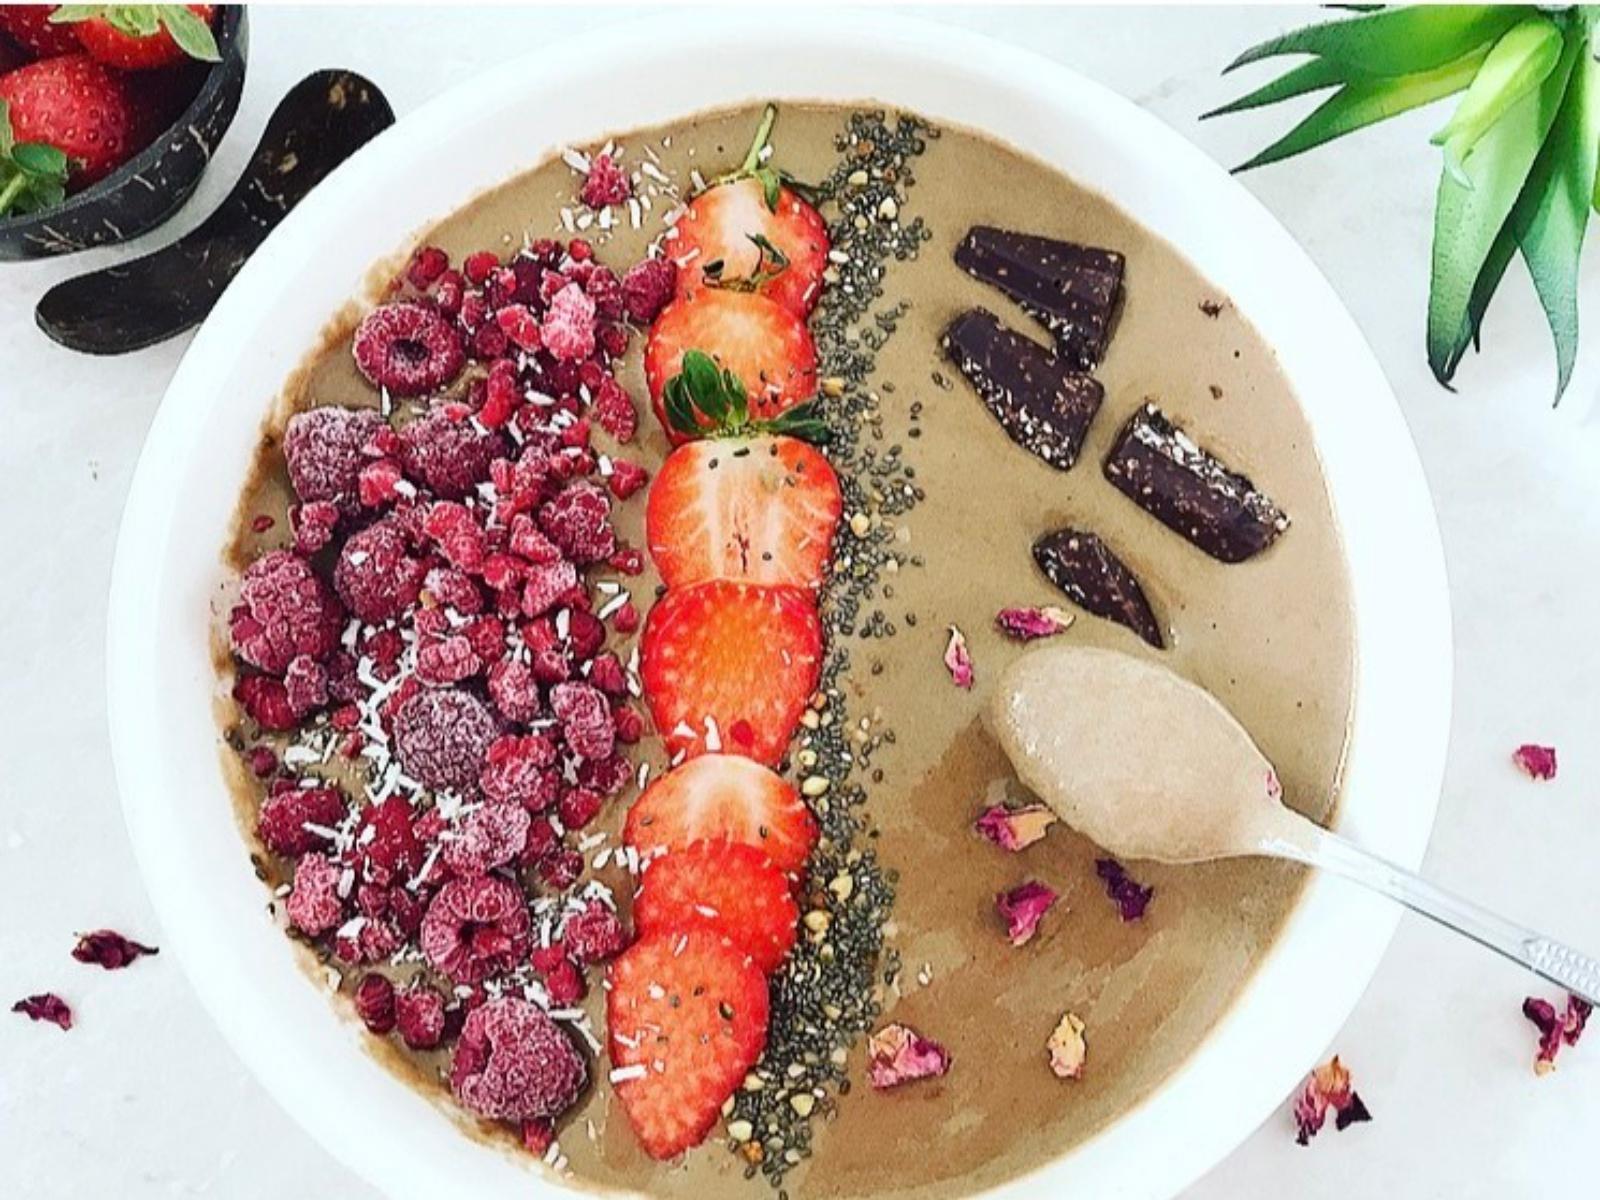 Vegan Chocolate Smoothie Bowl